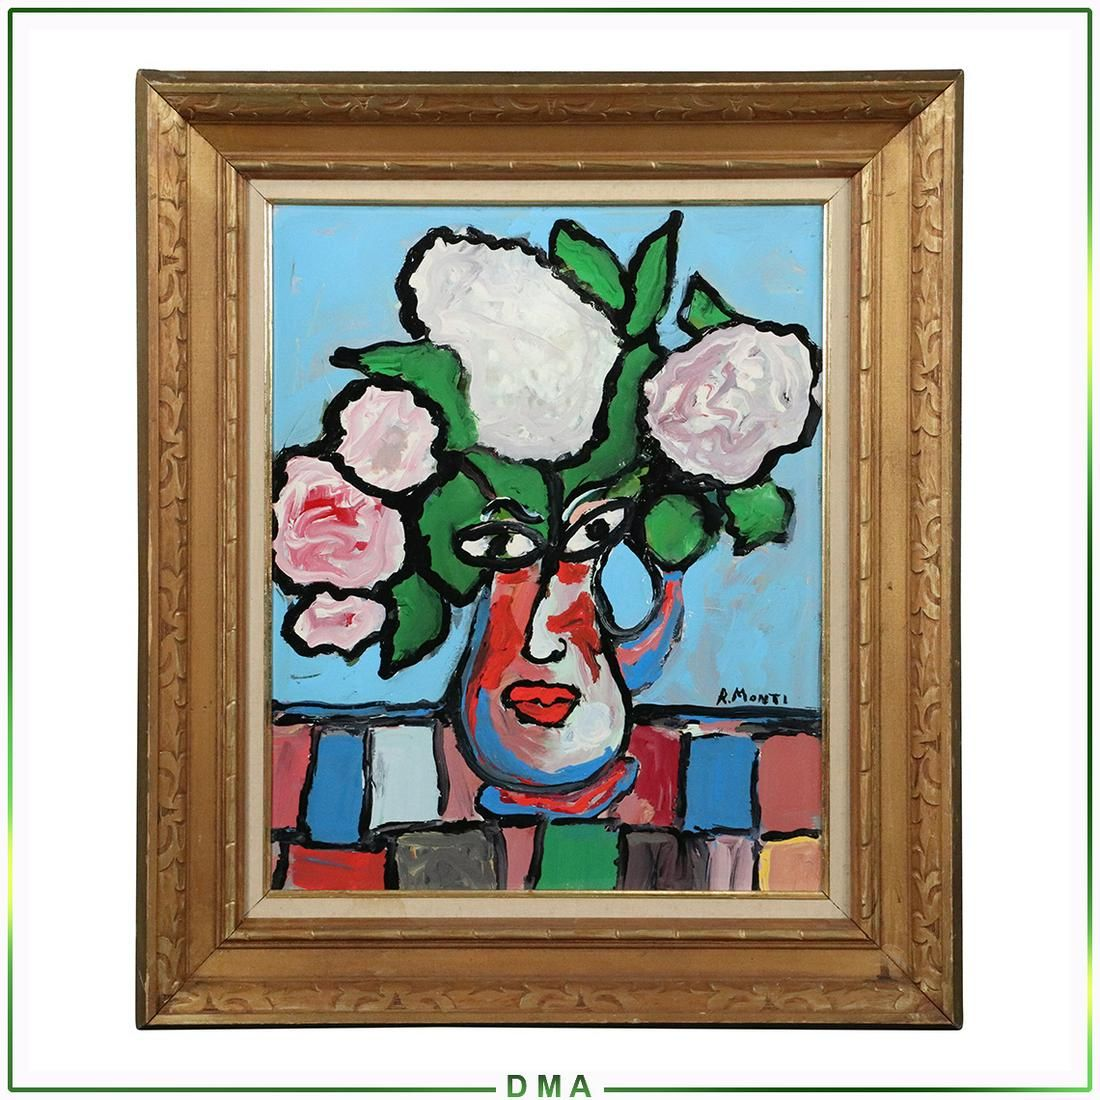 R Monti, Mid-Century Modern Abstract Still Life Oil/C